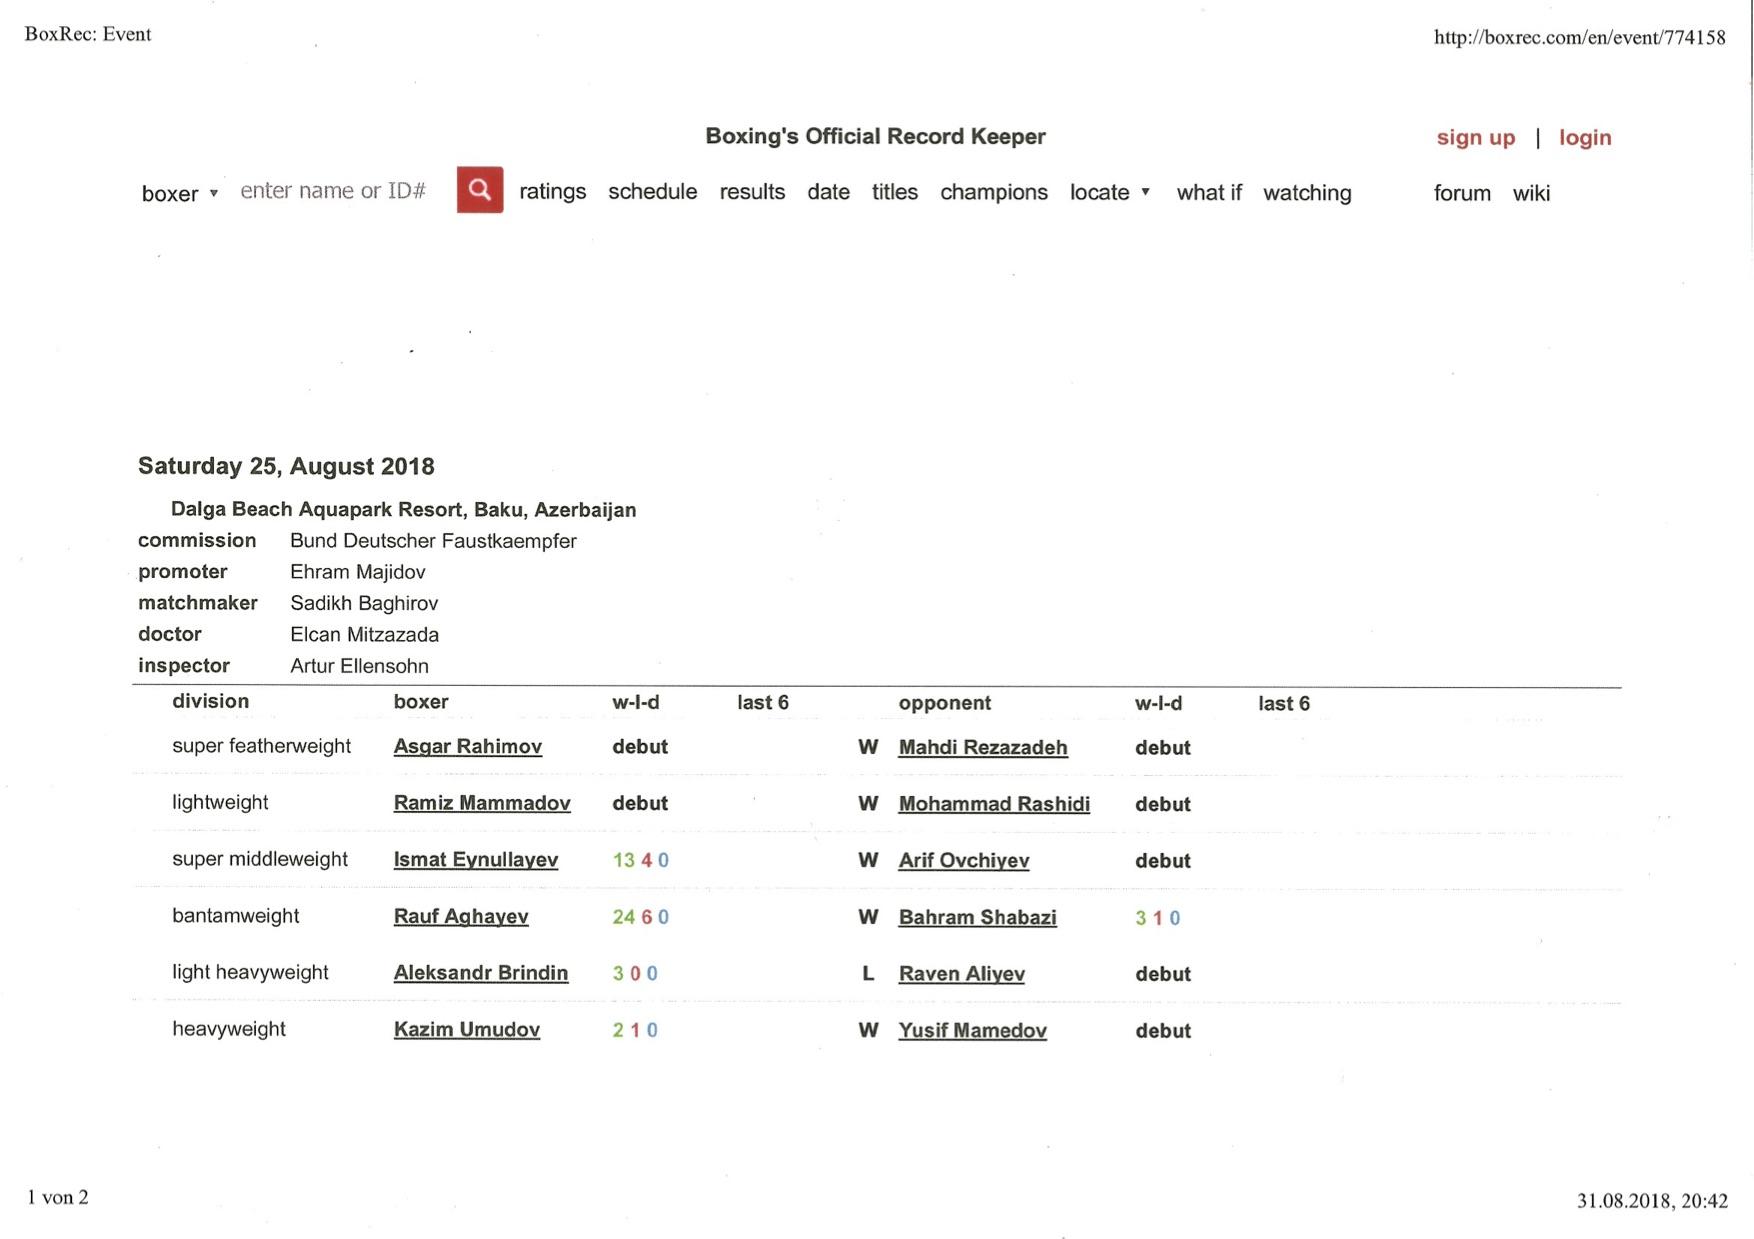 Resultatsauszug von boxrec zu der Veranstaltung in Azerbaijan am 25.08.2018